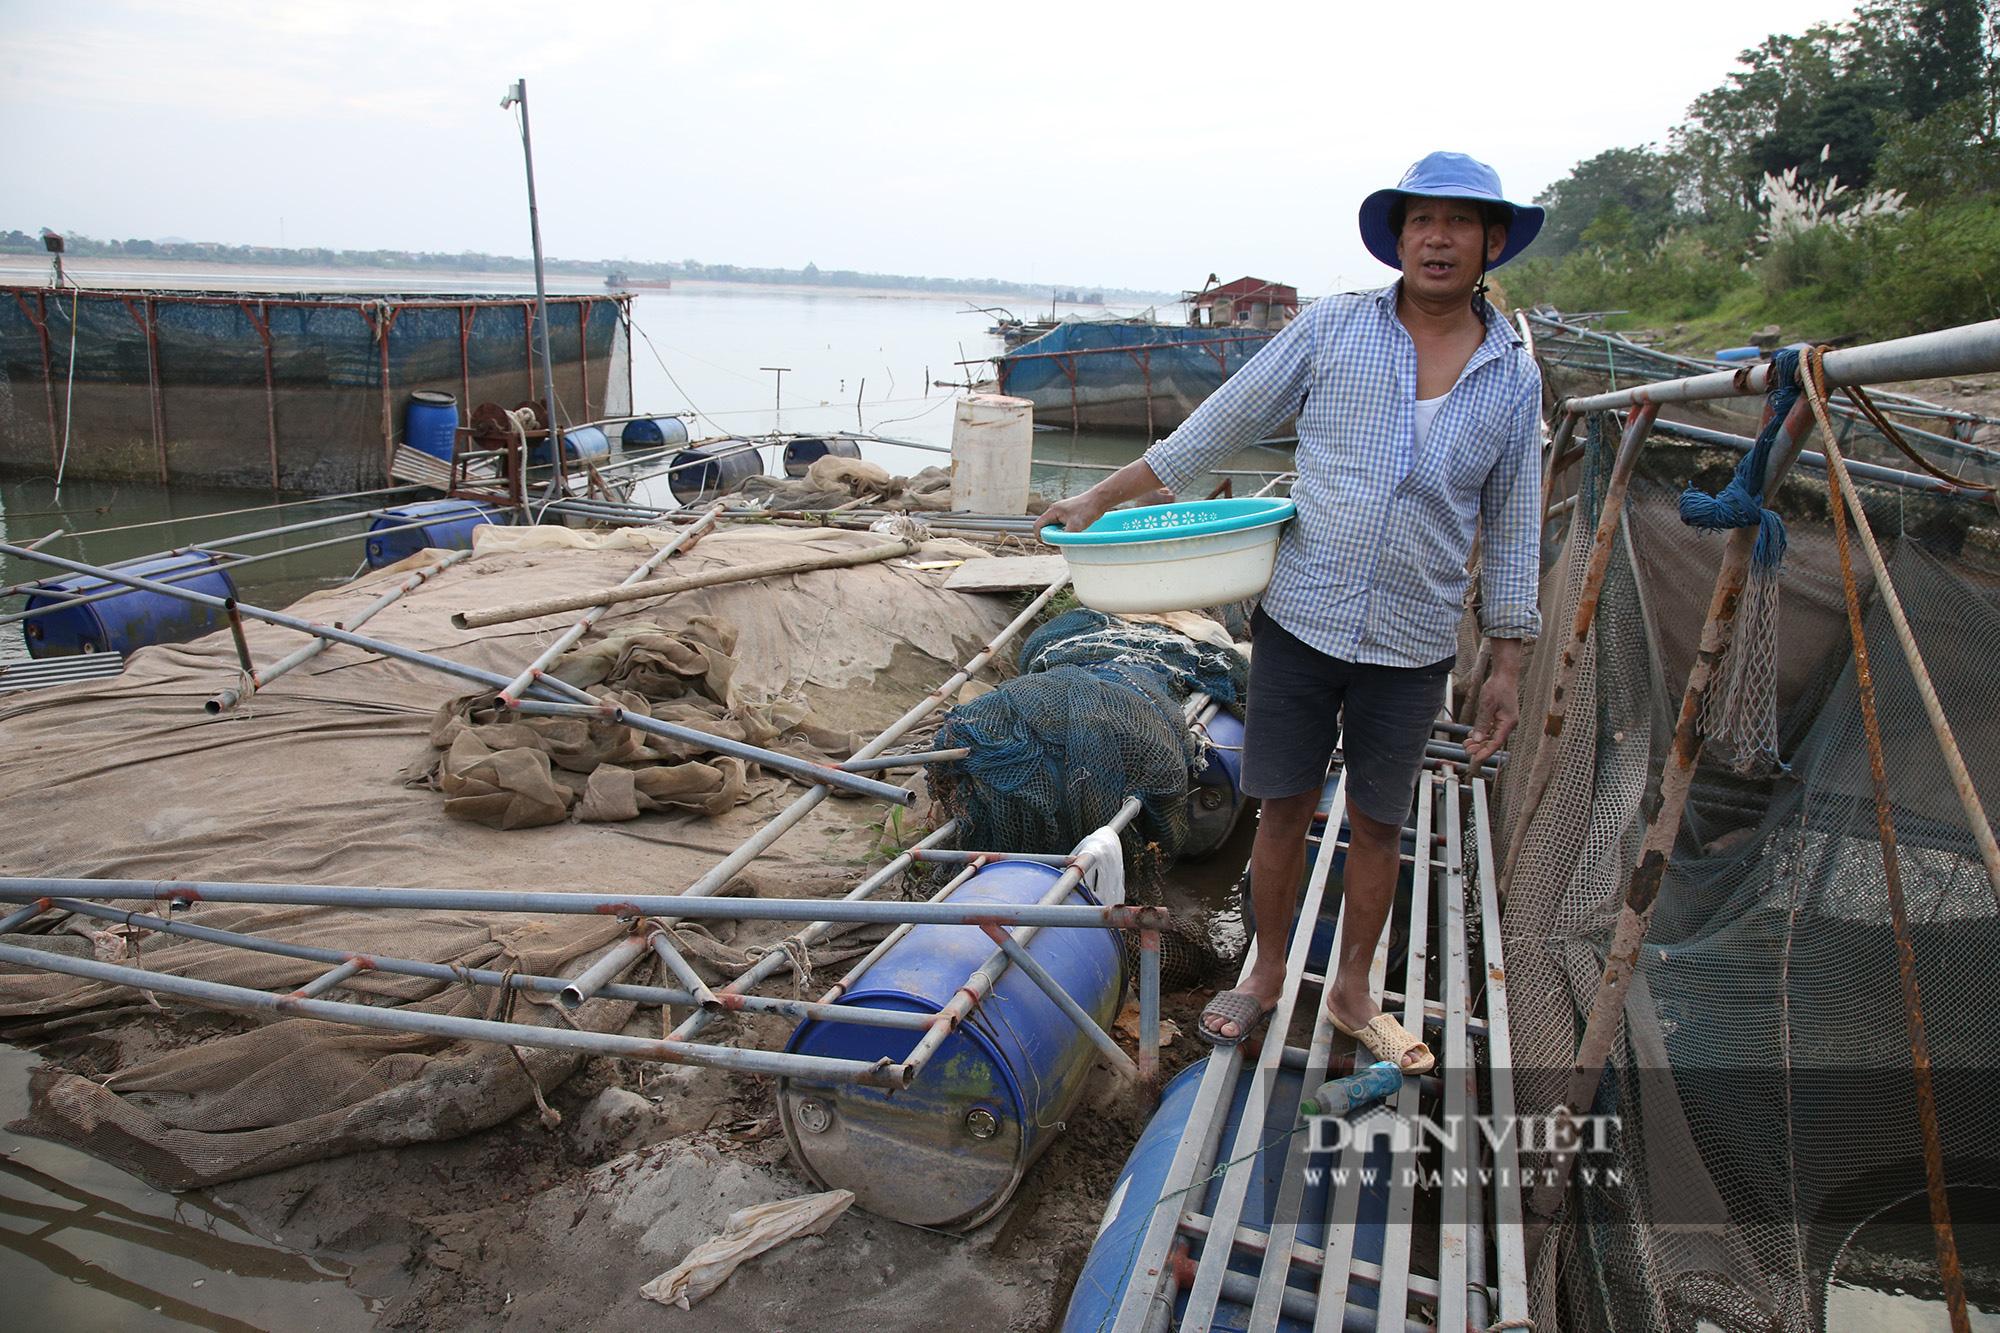 Dân nuôi cá trên sông Đà hút cát để cứu cá do nước sông cạn - Ảnh 3.